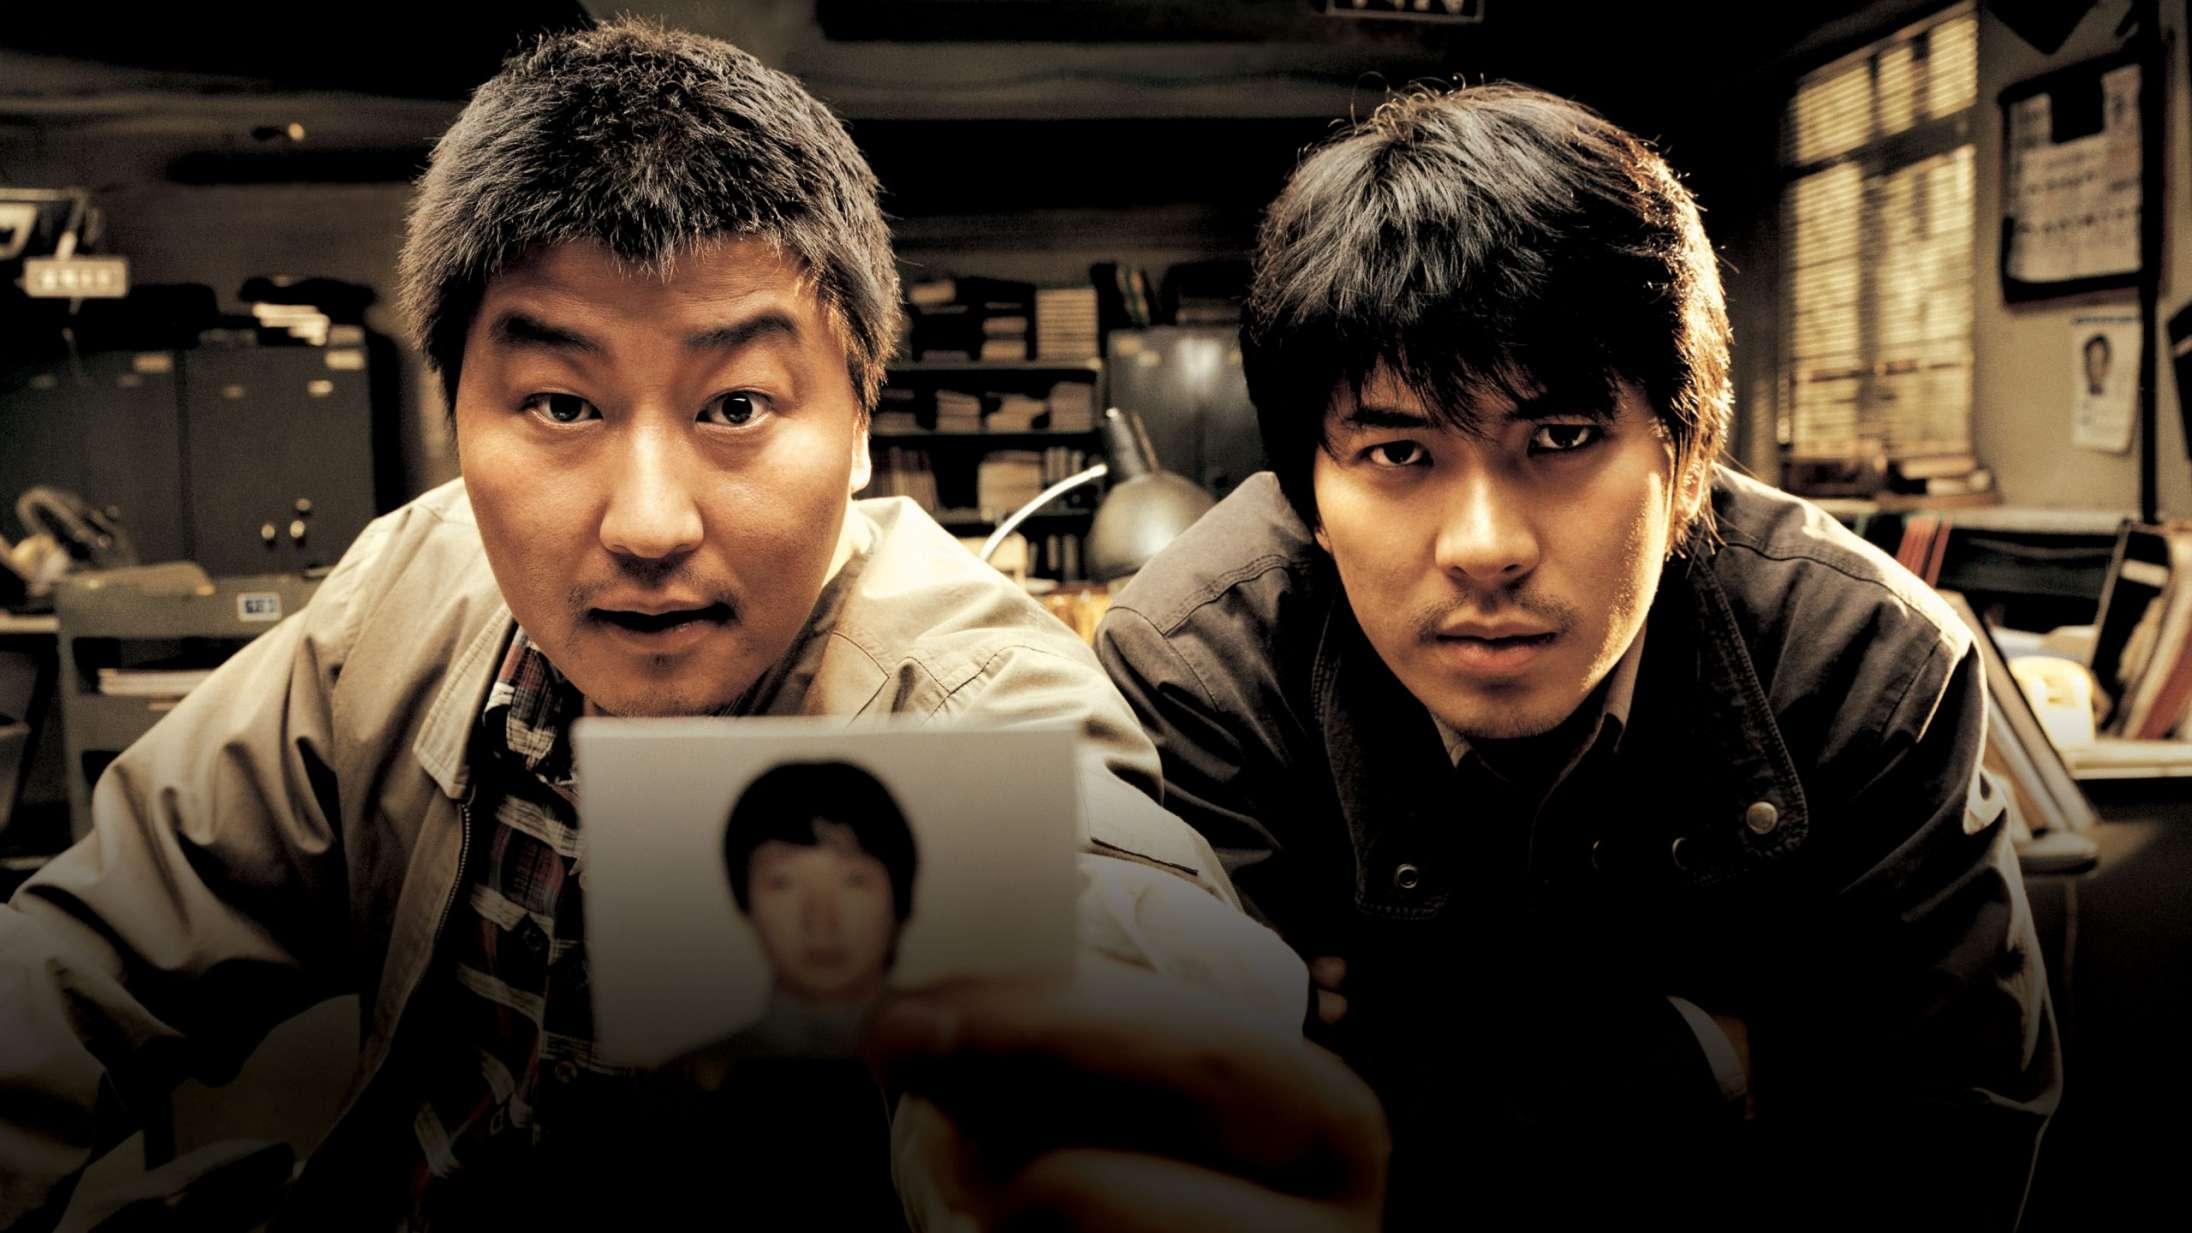 Seriemorderfilm blev indhentet af virkeligheden: 'Parasite'-instruktørs første mesterværk kommer nu i biografen